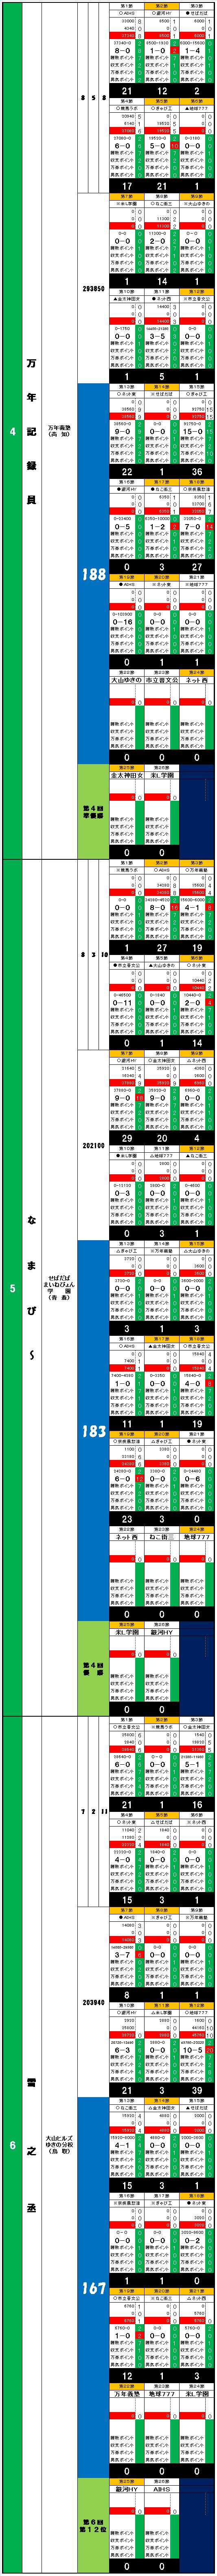 20160412・ダルマンリーグ第21節後半終了個人成績データ②.jpg